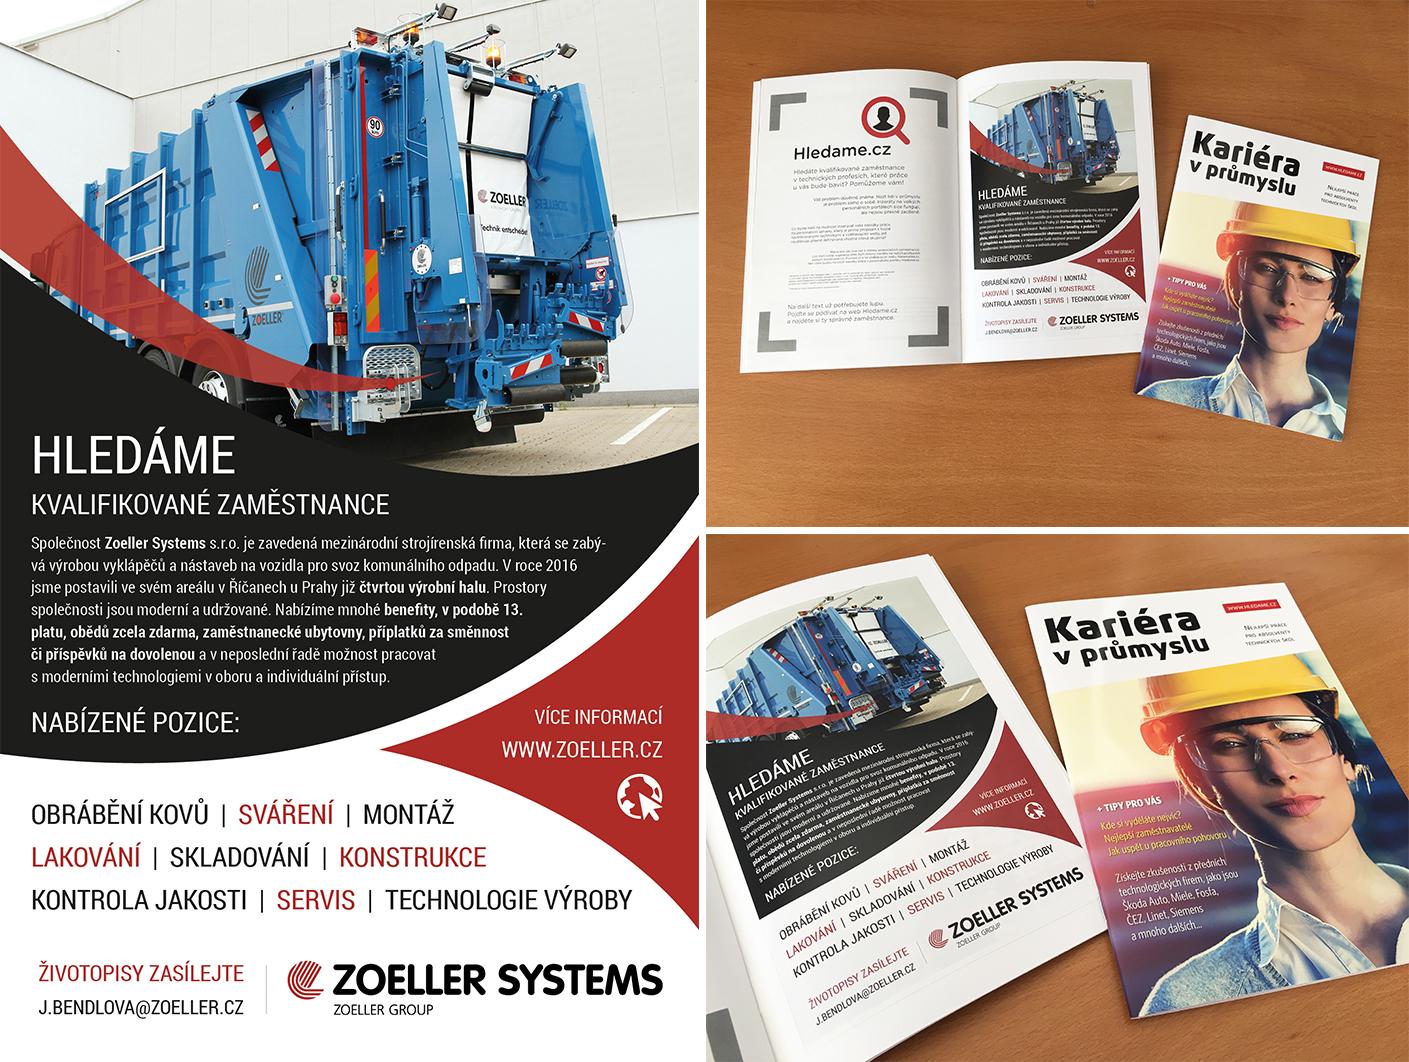 Inzerát pro Zoeller v publikaci Kariéra v průmyslu